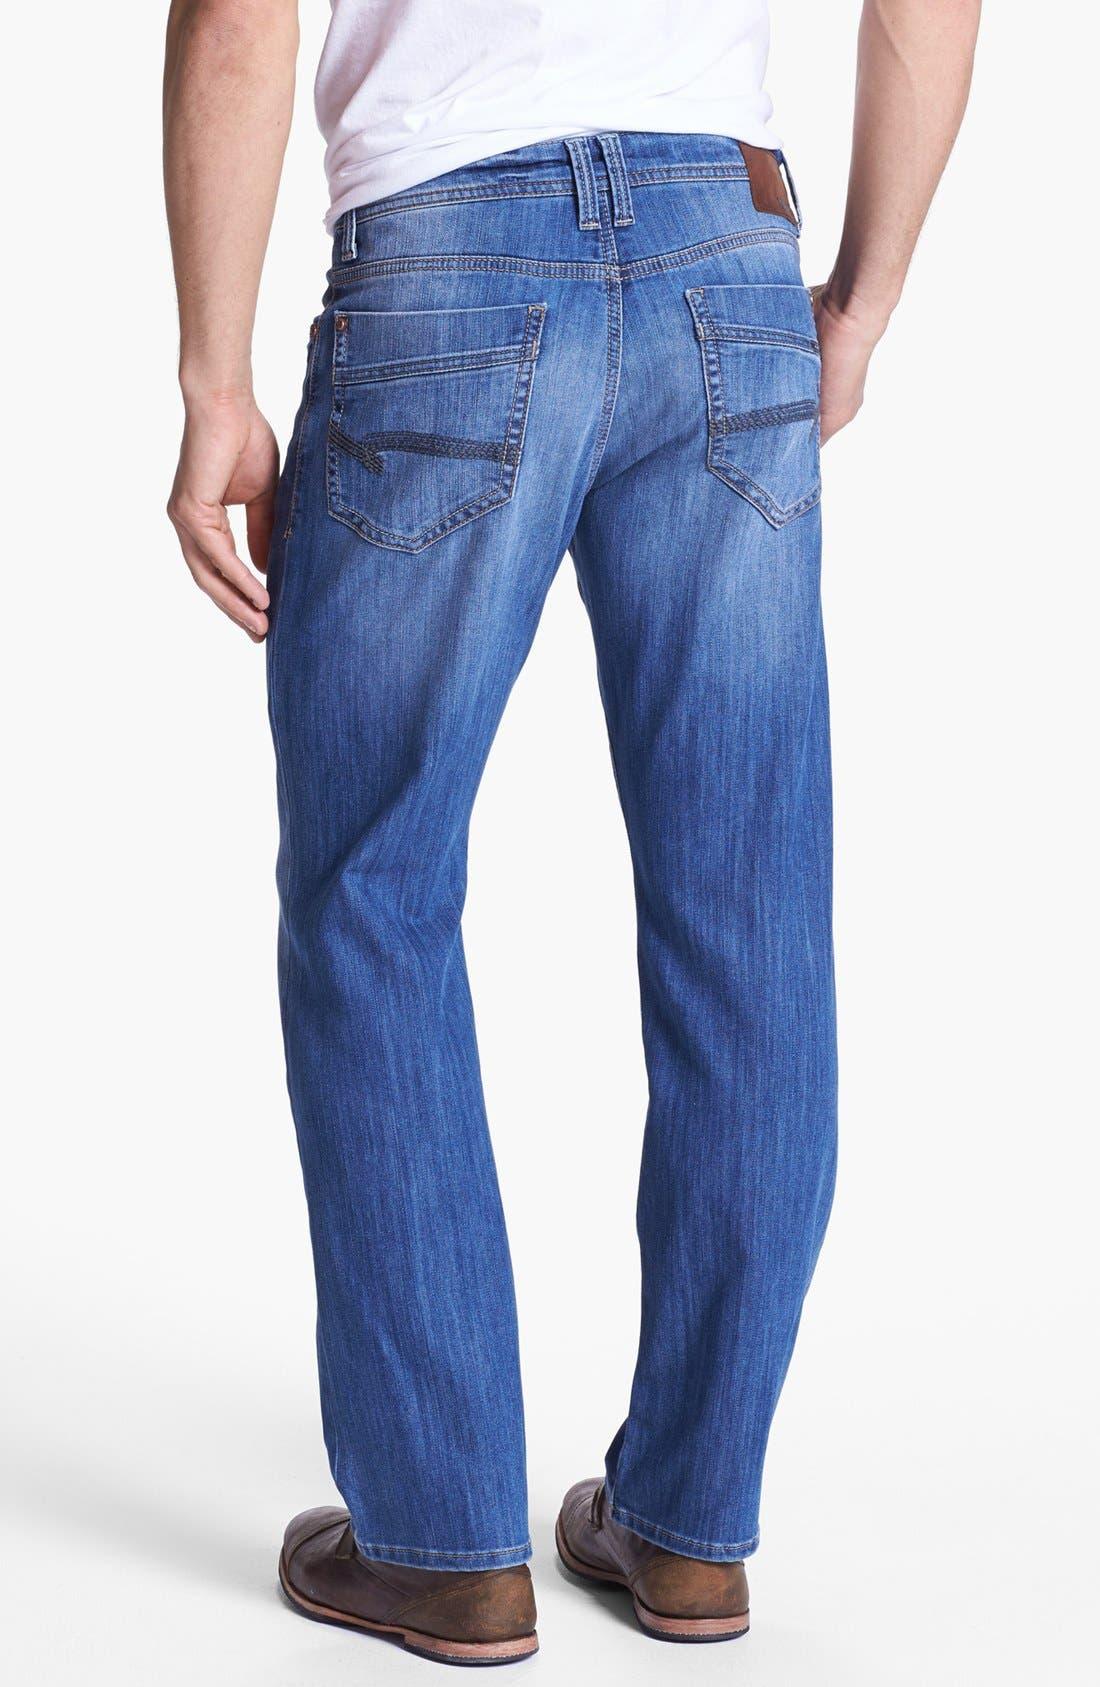 Alternate Image 1 Selected - Mavi Jeans 'Matt' Relaxed Leg Jeans (Light Cooper)